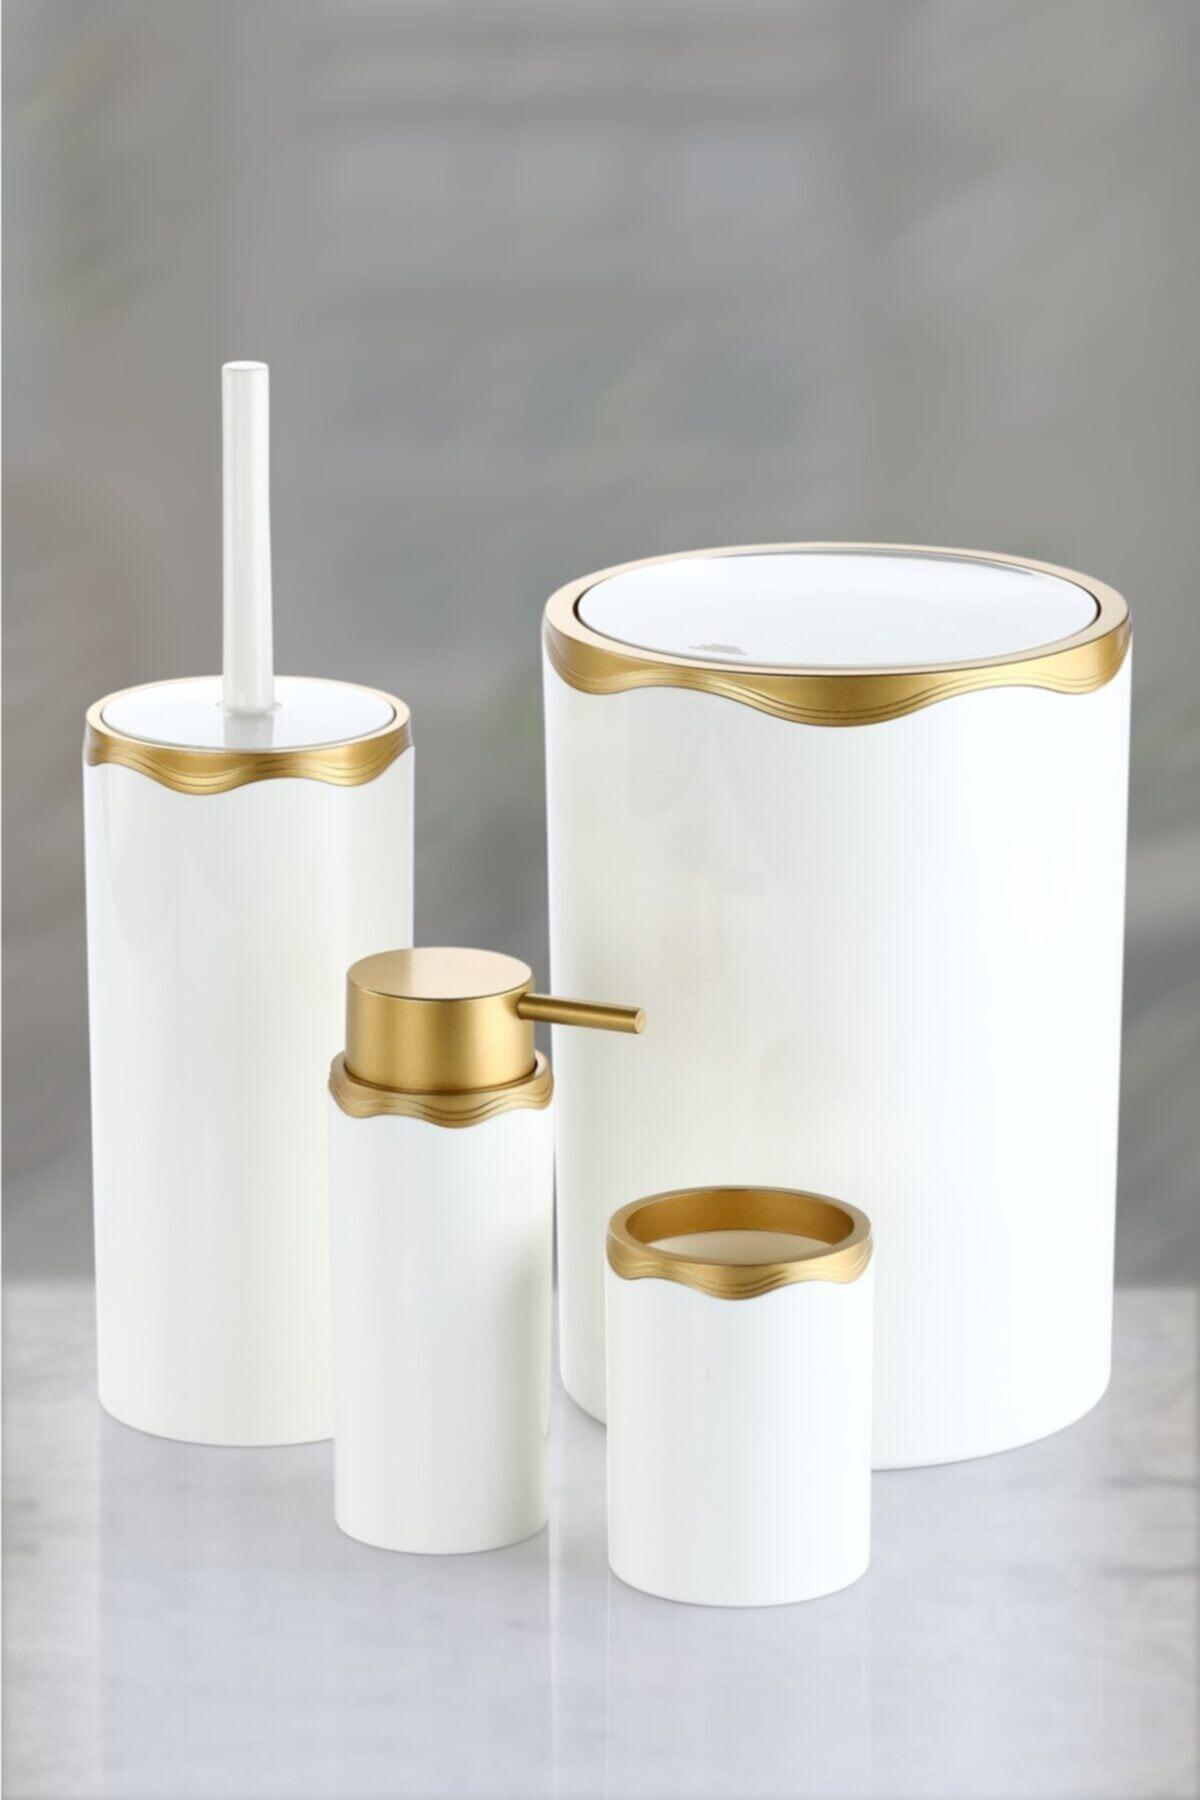 Banyo Seti Gold Altın